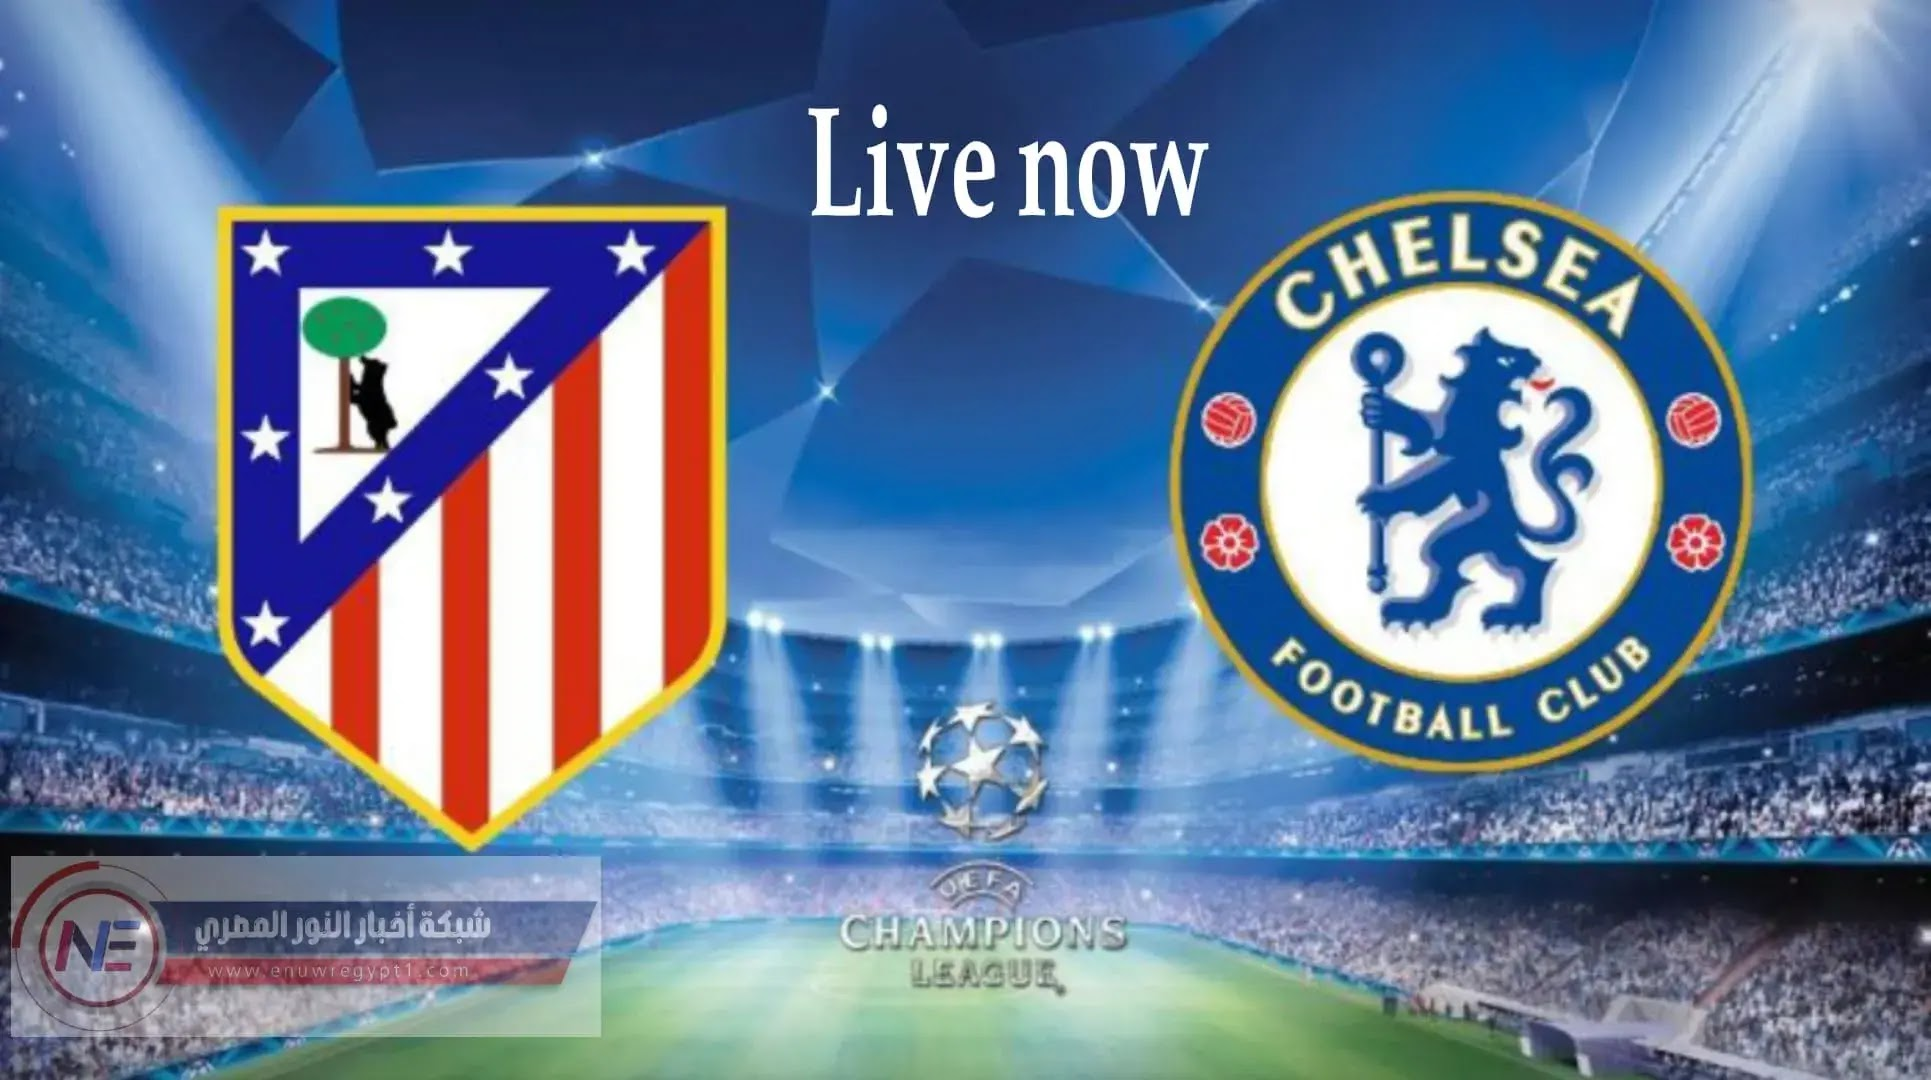 يلاشوت | مشاهدة مباراة تشيلسي و اتليتكو مدريد بث مباشر اليوم 17-03-2021 في دورى ابطال اوروبا بجودة عالية بتعليق عربي